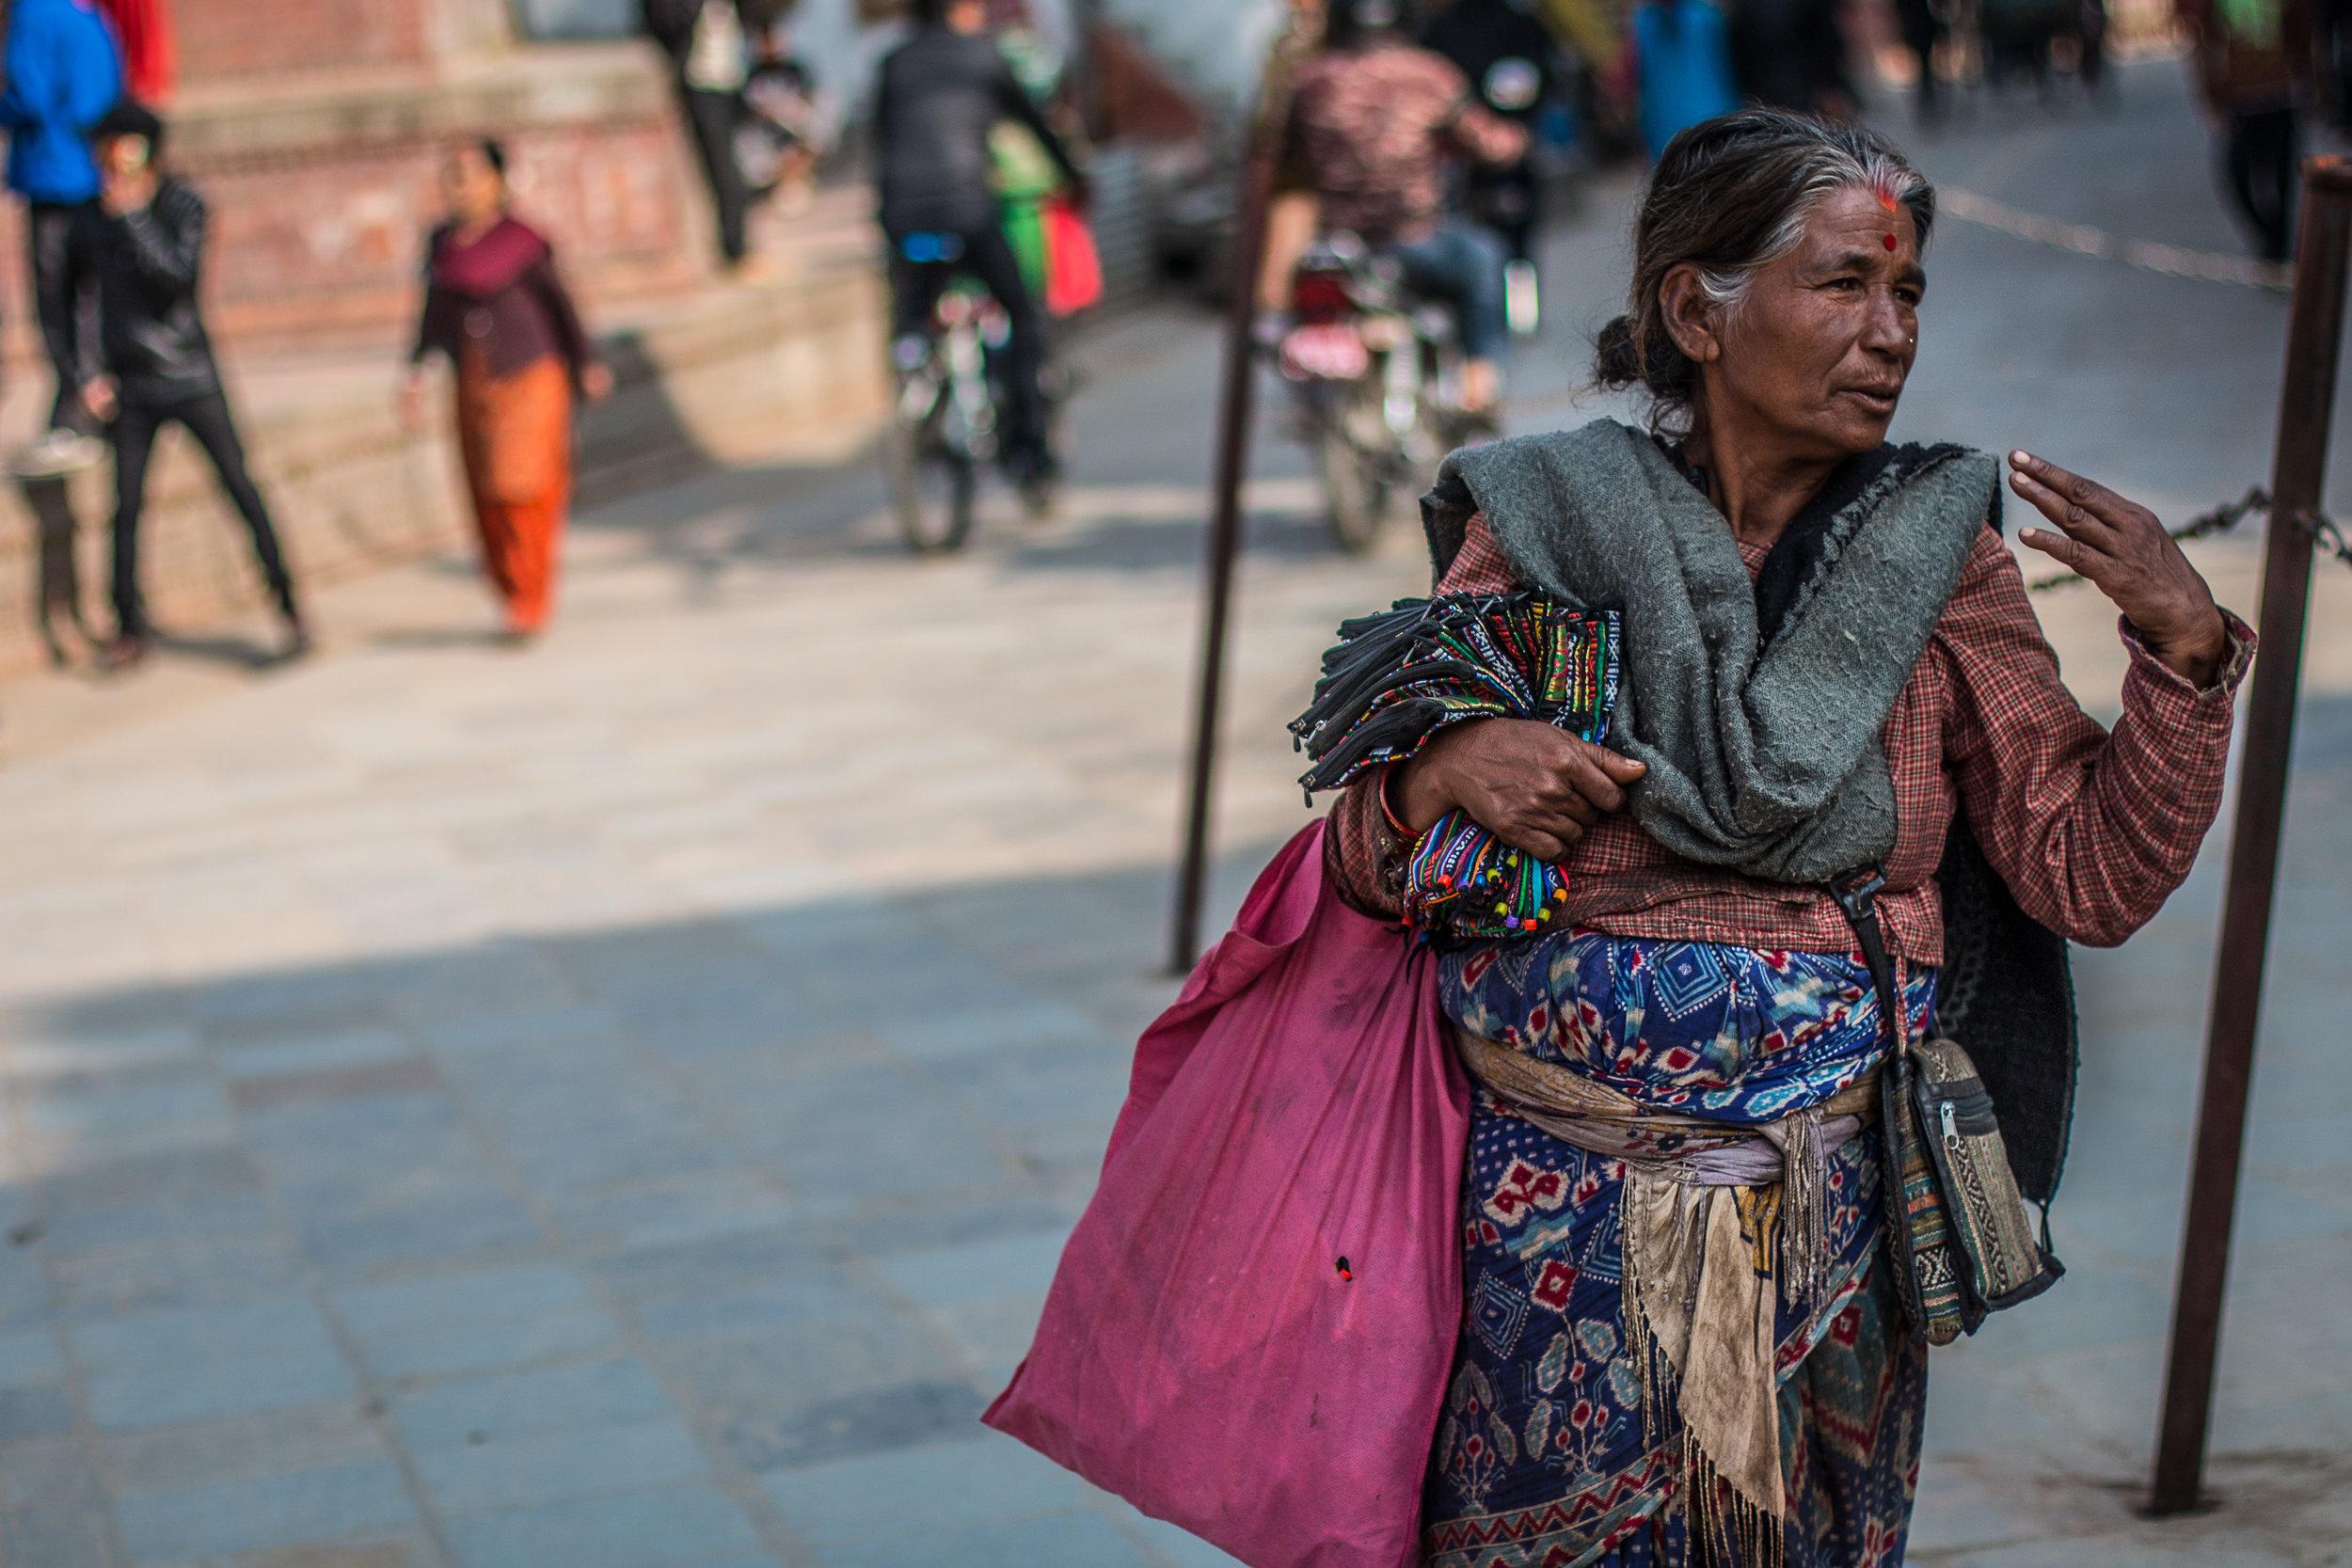 Durbar square kärsi pahasti maanjäristyksissä, mutta turisteja paikalle virtaa ihan hyvin ja myyntimummoilla on kova yritys päällä.